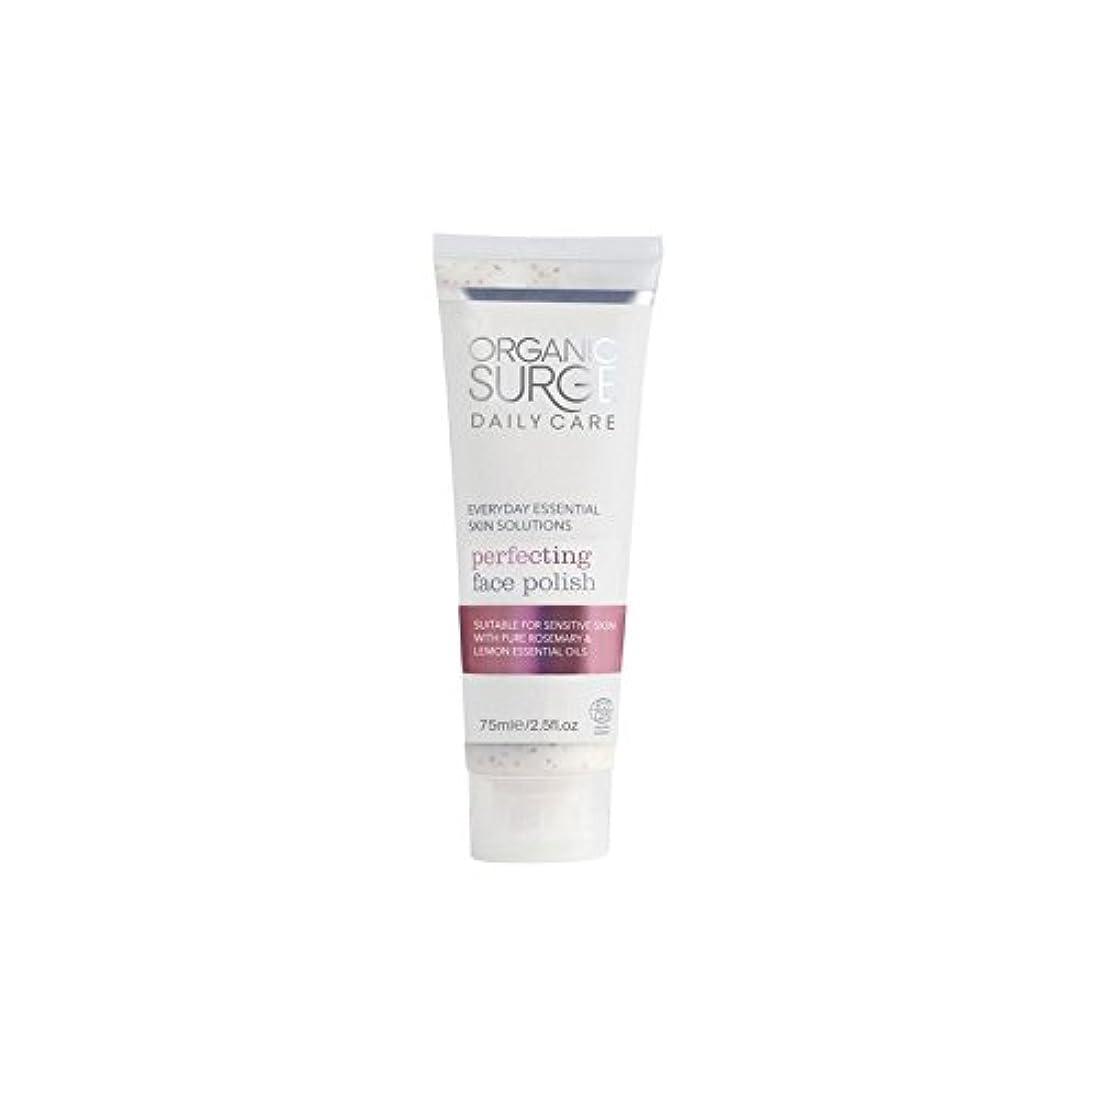 熱帯のいつ例外面研磨を完成有機サージ毎日のケア(75ミリリットル) x4 - Organic Surge Daily Care Perfecting Face Polish (75ml) (Pack of 4) [並行輸入品]